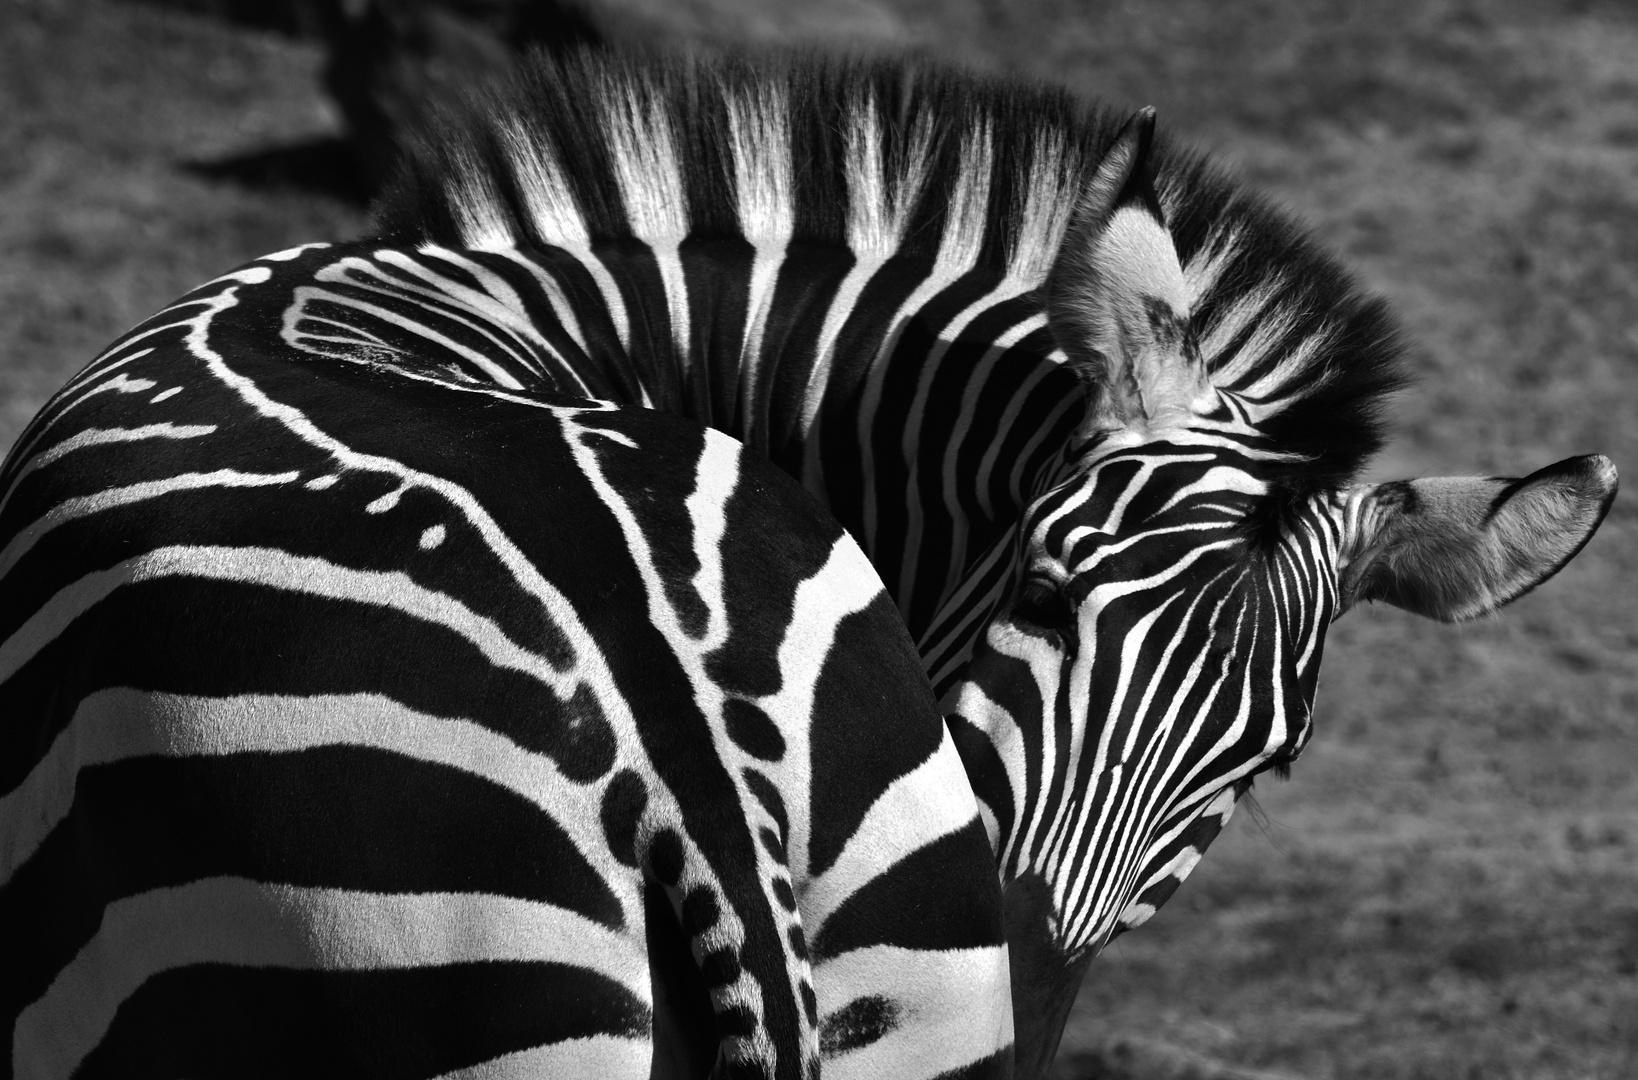 bemerkenswerte Wirbelsäulenkrümmung beim Zebra